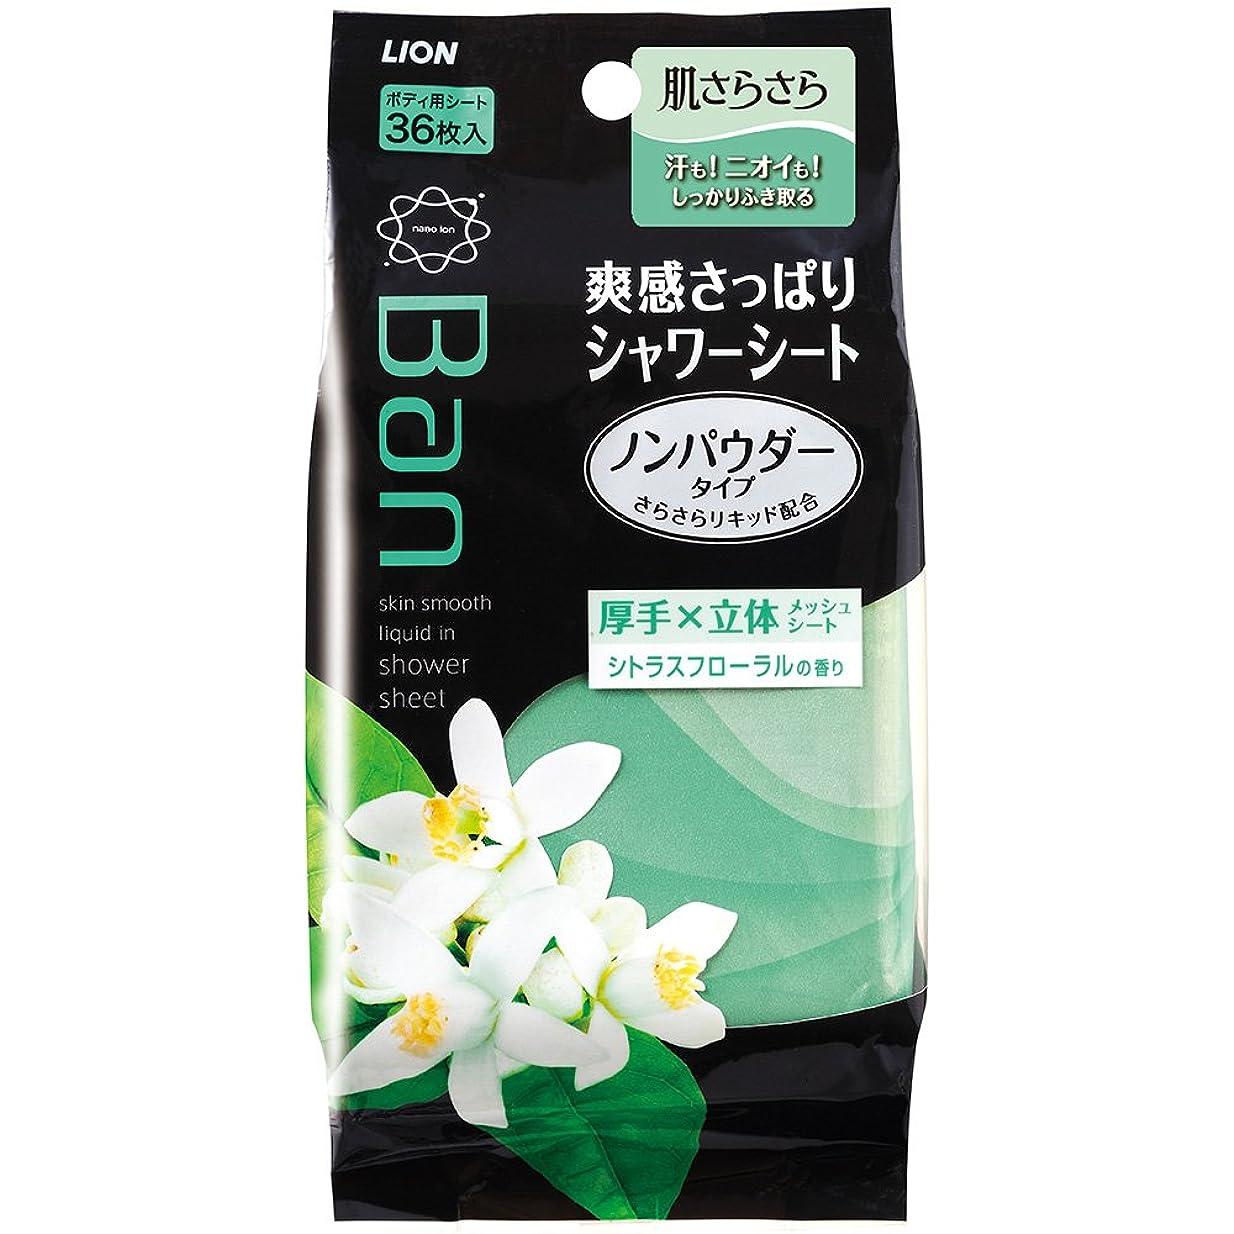 オン十一悪党Ban(バン) 爽感さっぱりシャワーシート ノンパウダータイプ シトラスフローラルの香り 36枚